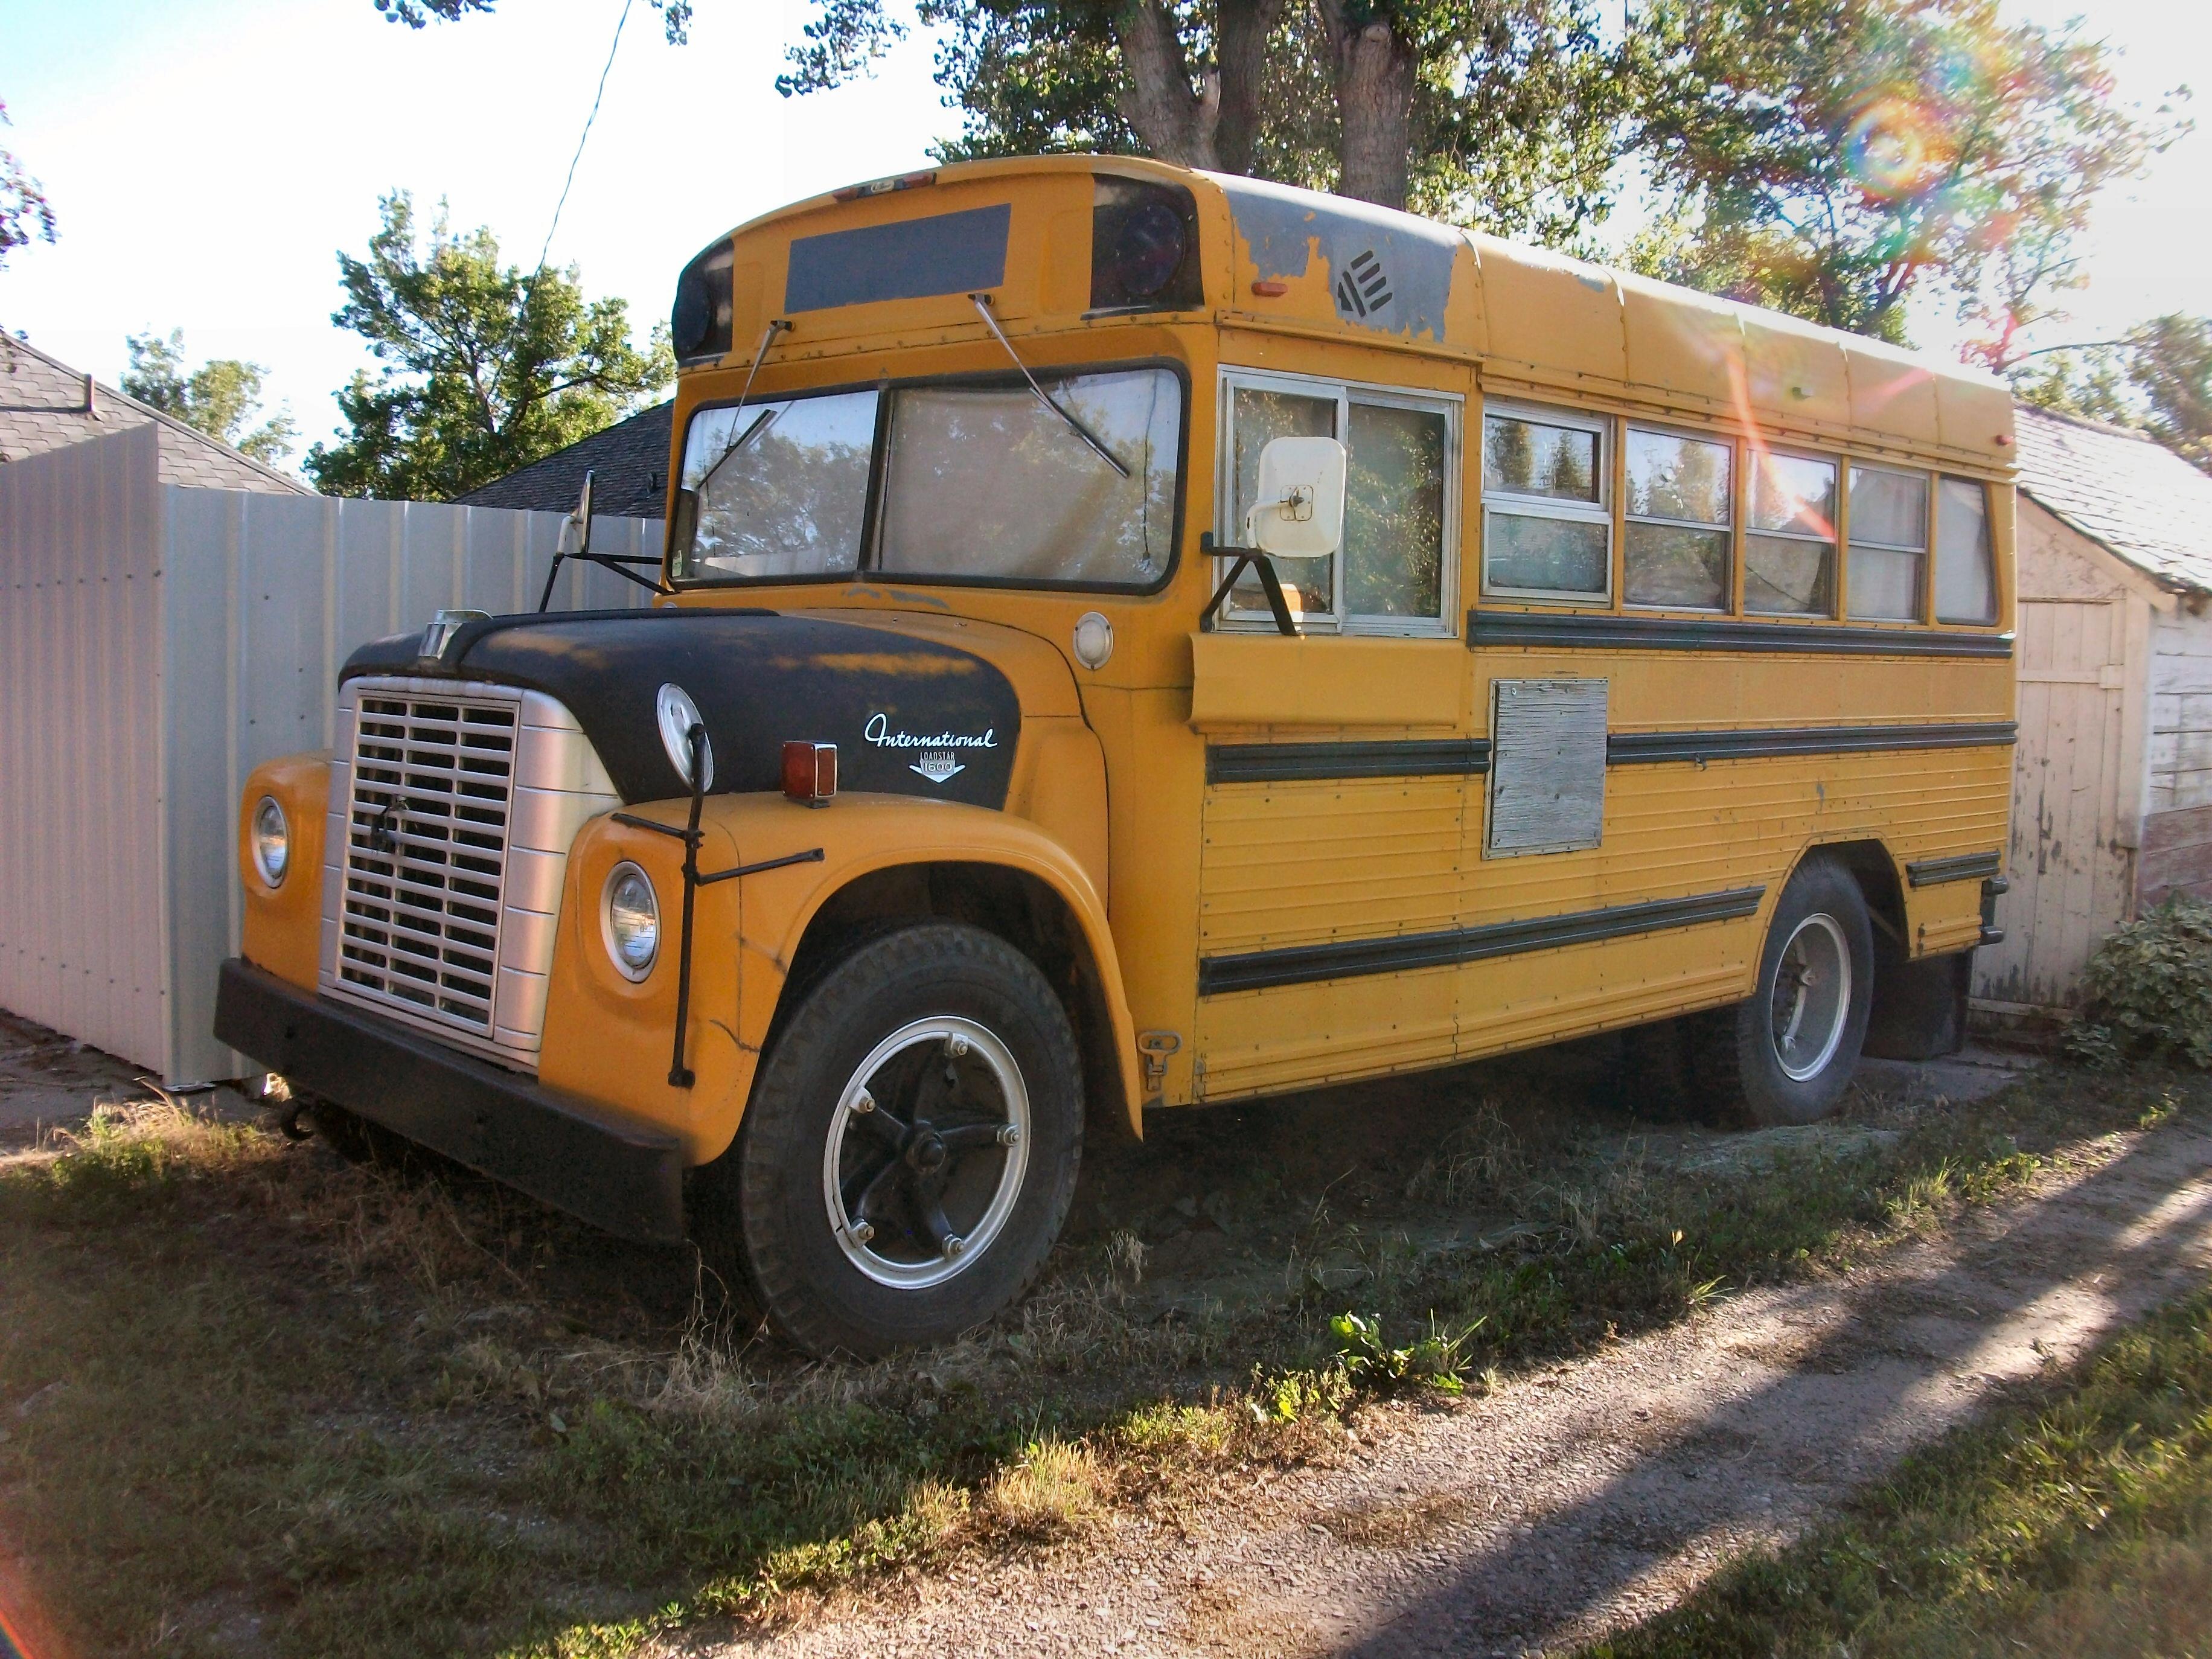 Craigslist Indiana Used Rc Cars